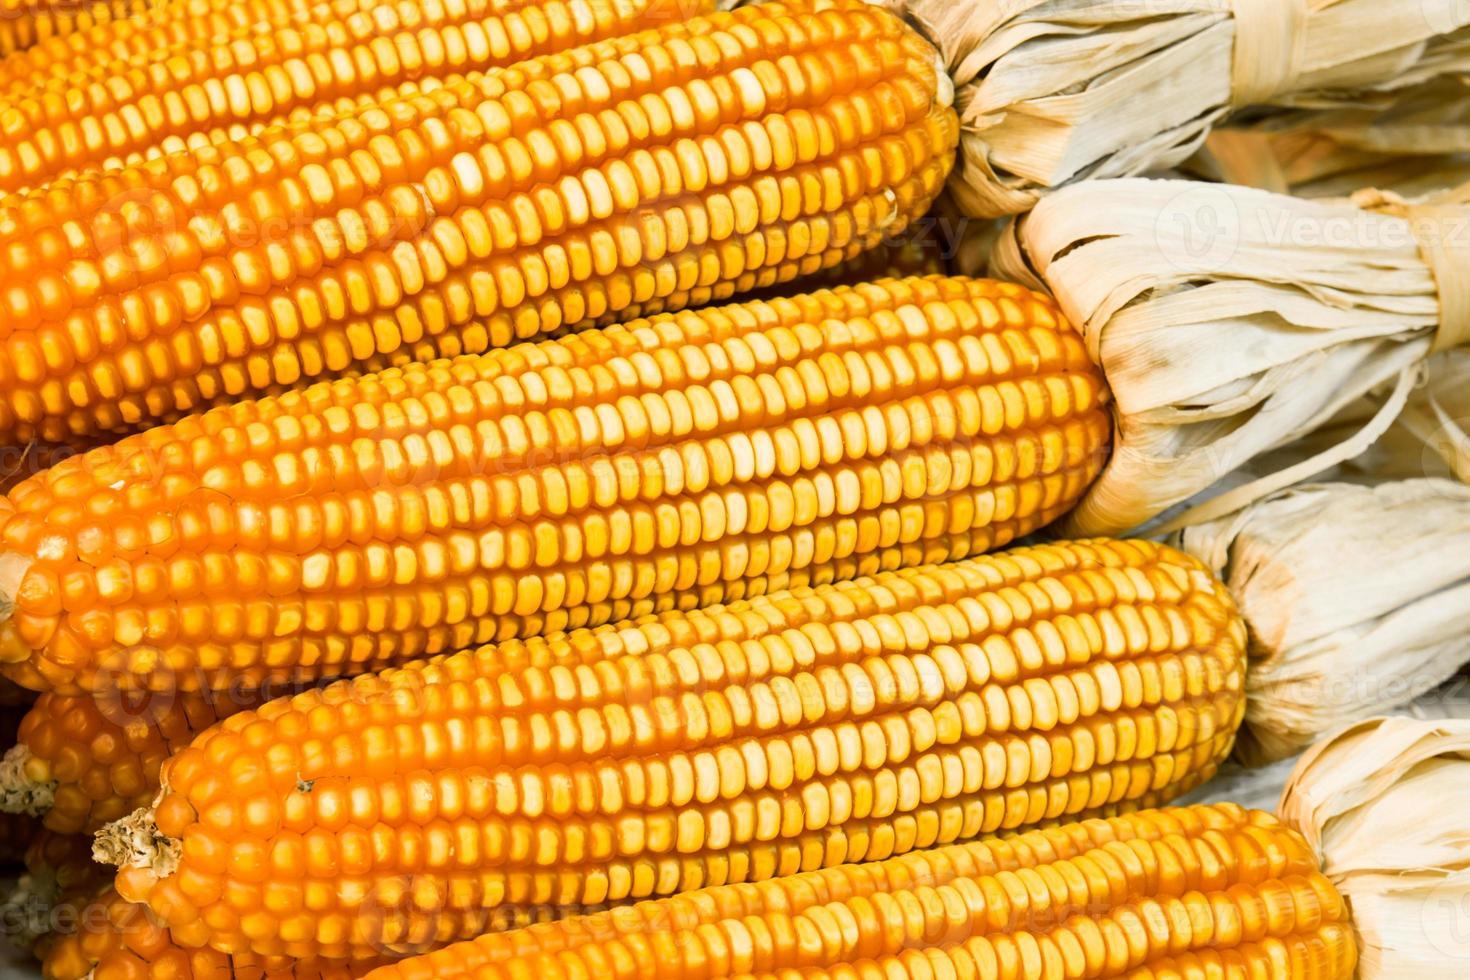 piles of corn photo